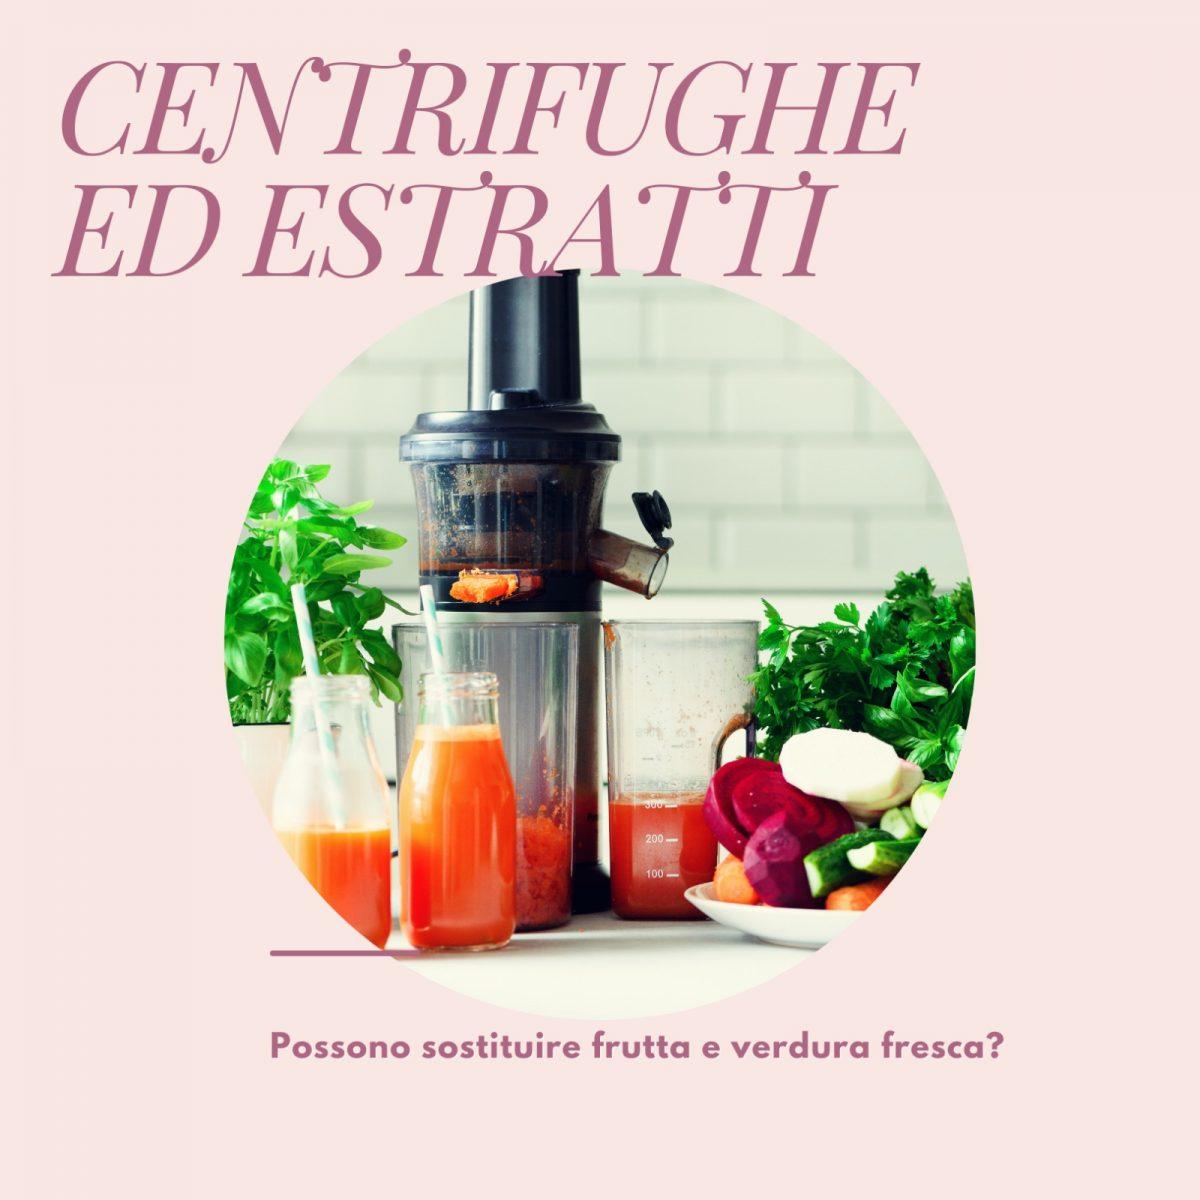 CENTRIFUGHE-ED-ESTRATTI-POSSONO-SOSTITUIRE-FRUTTA-E-VERDURA-FRESCA-1200x1200.jpg